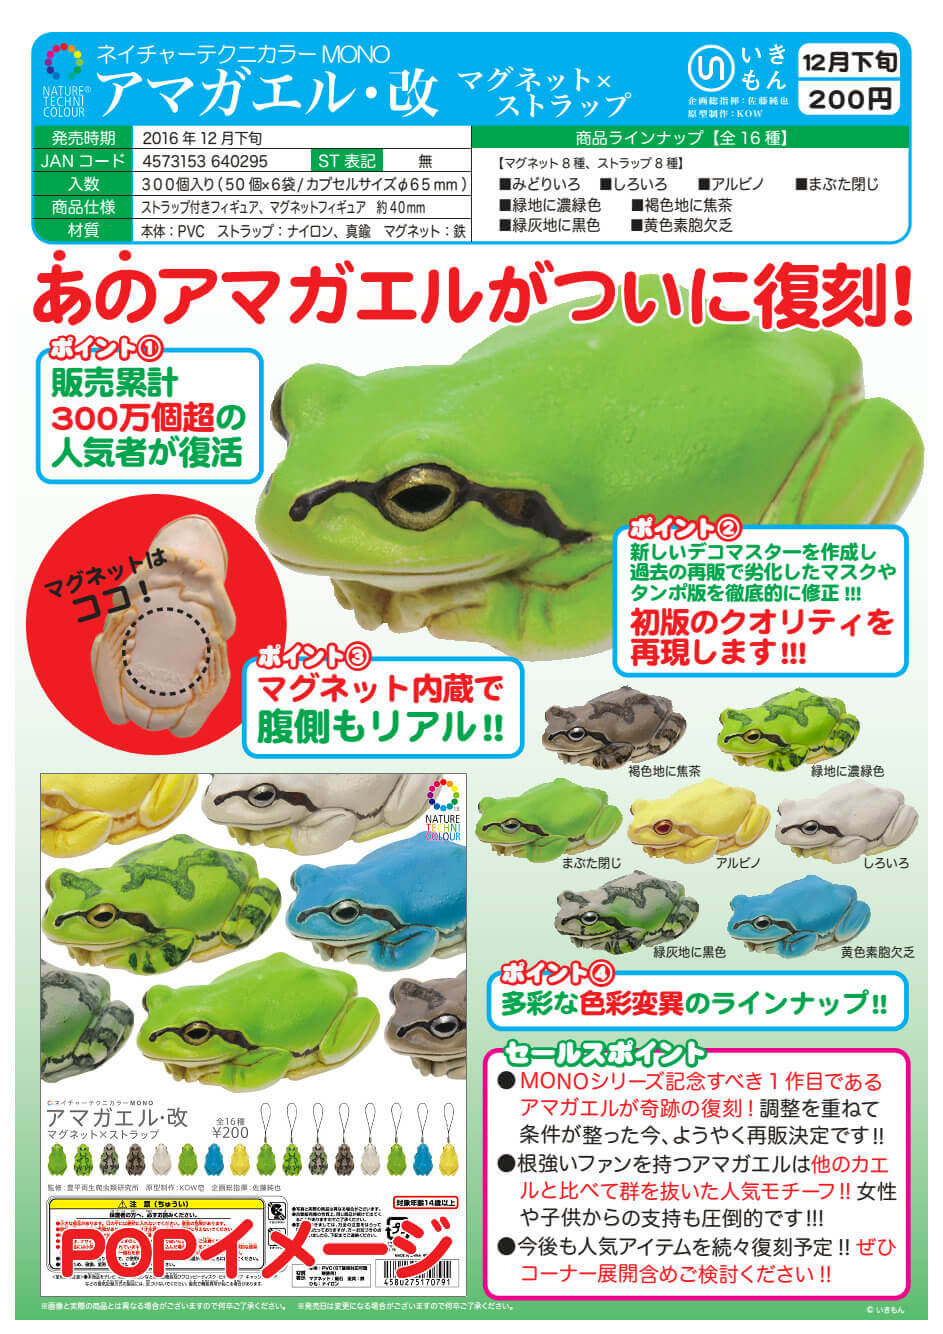 ネイチャーテクニカラーMONO アマガエル・改 マグネット×ストラップ(50個入り)